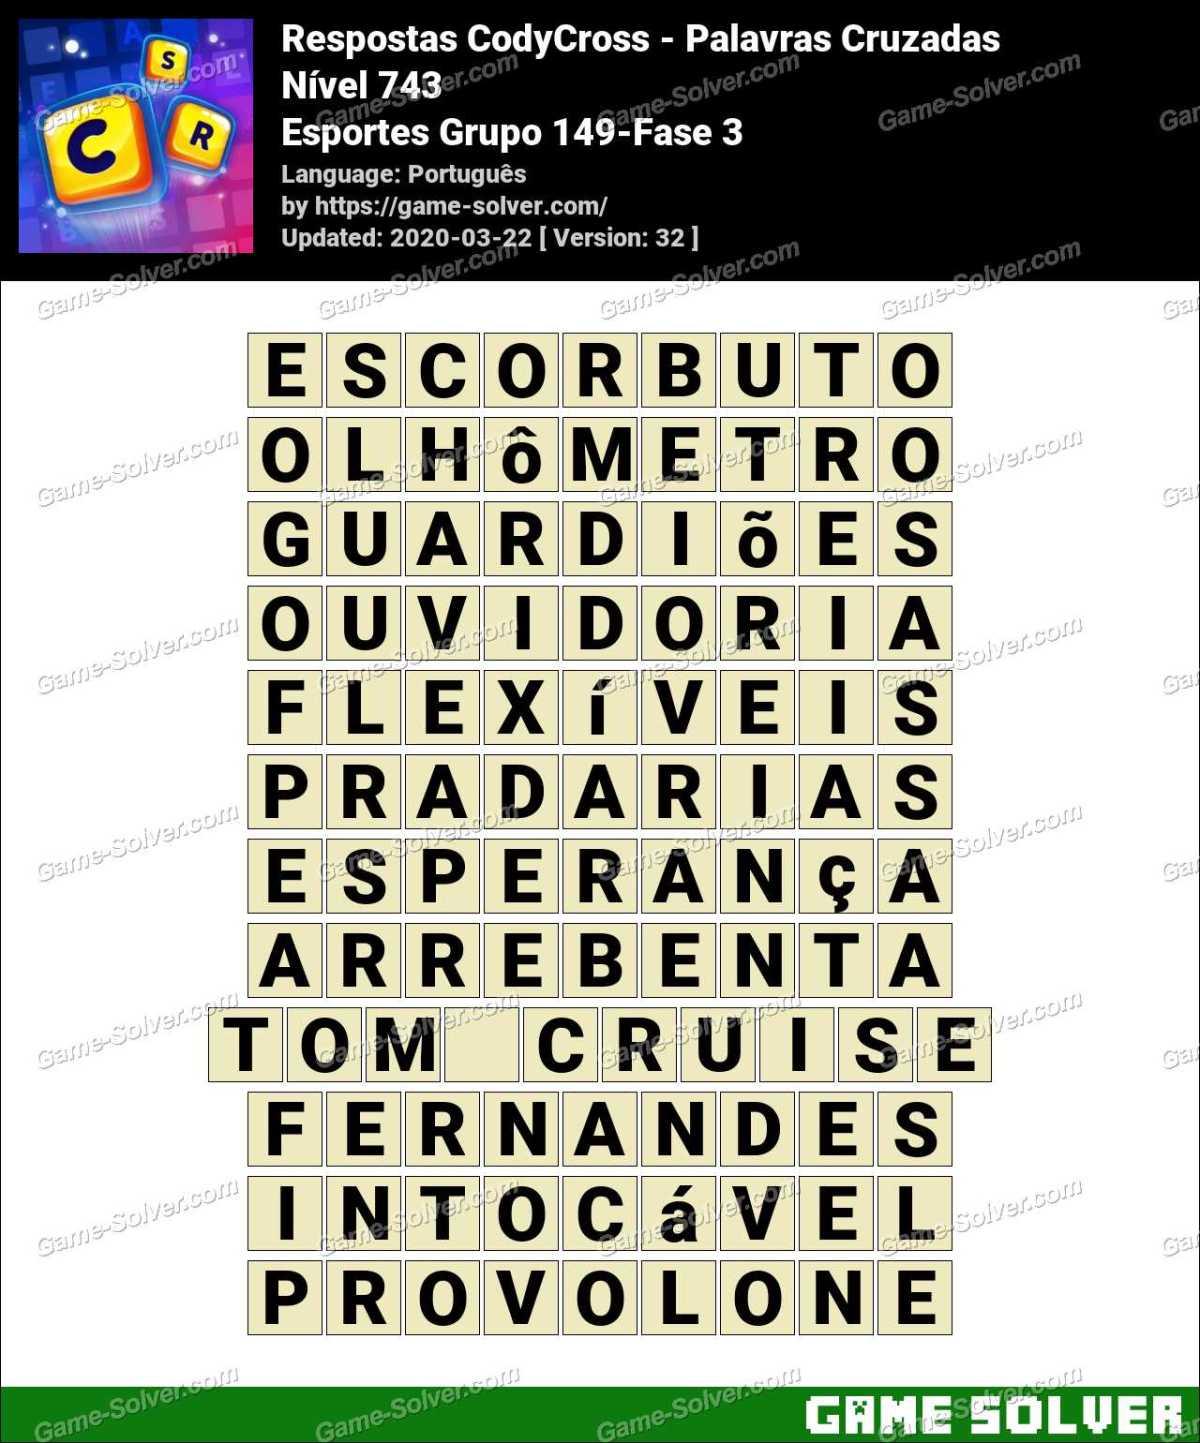 Respostas CodyCross Esportes Grupo 149-Fase 3